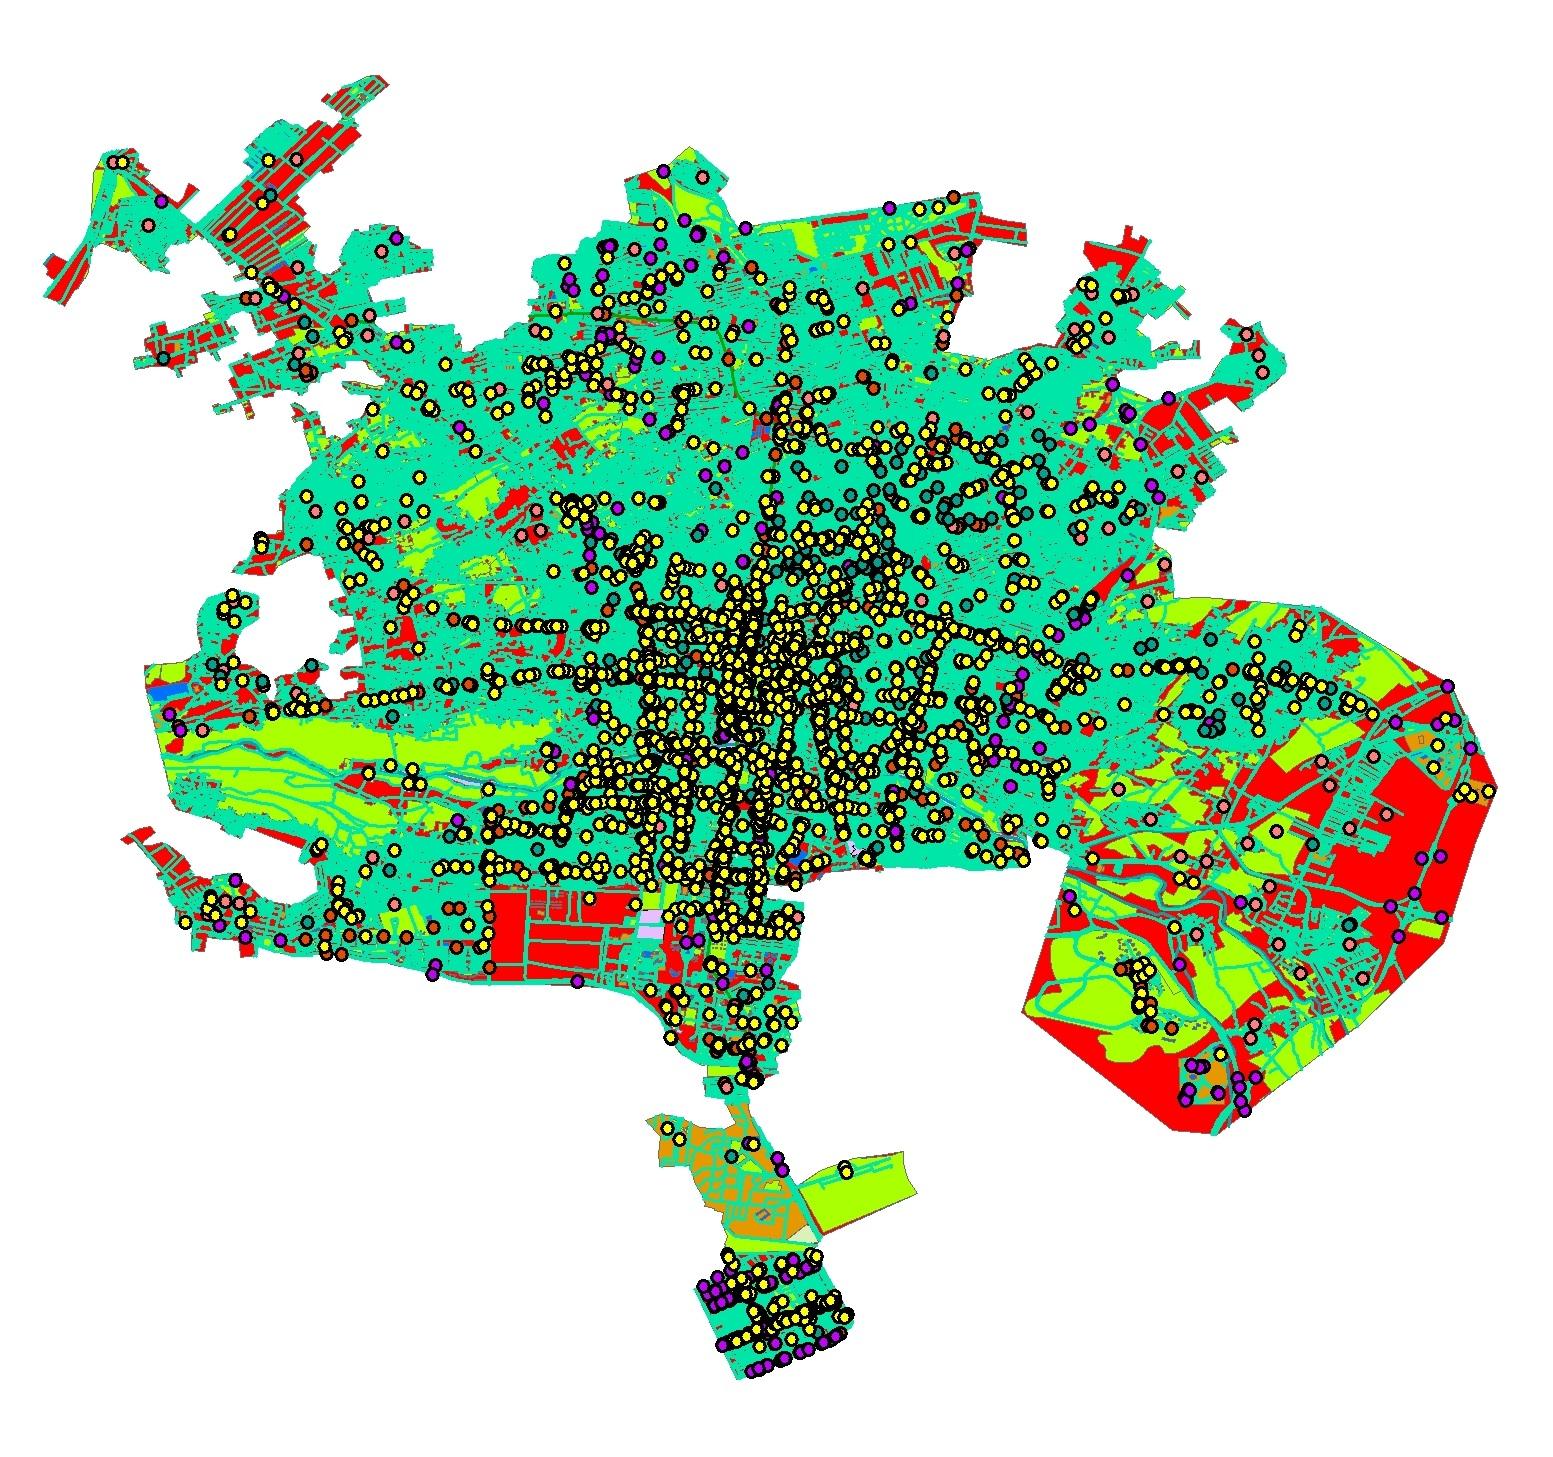 دانلود نقشه شهر اصفهان